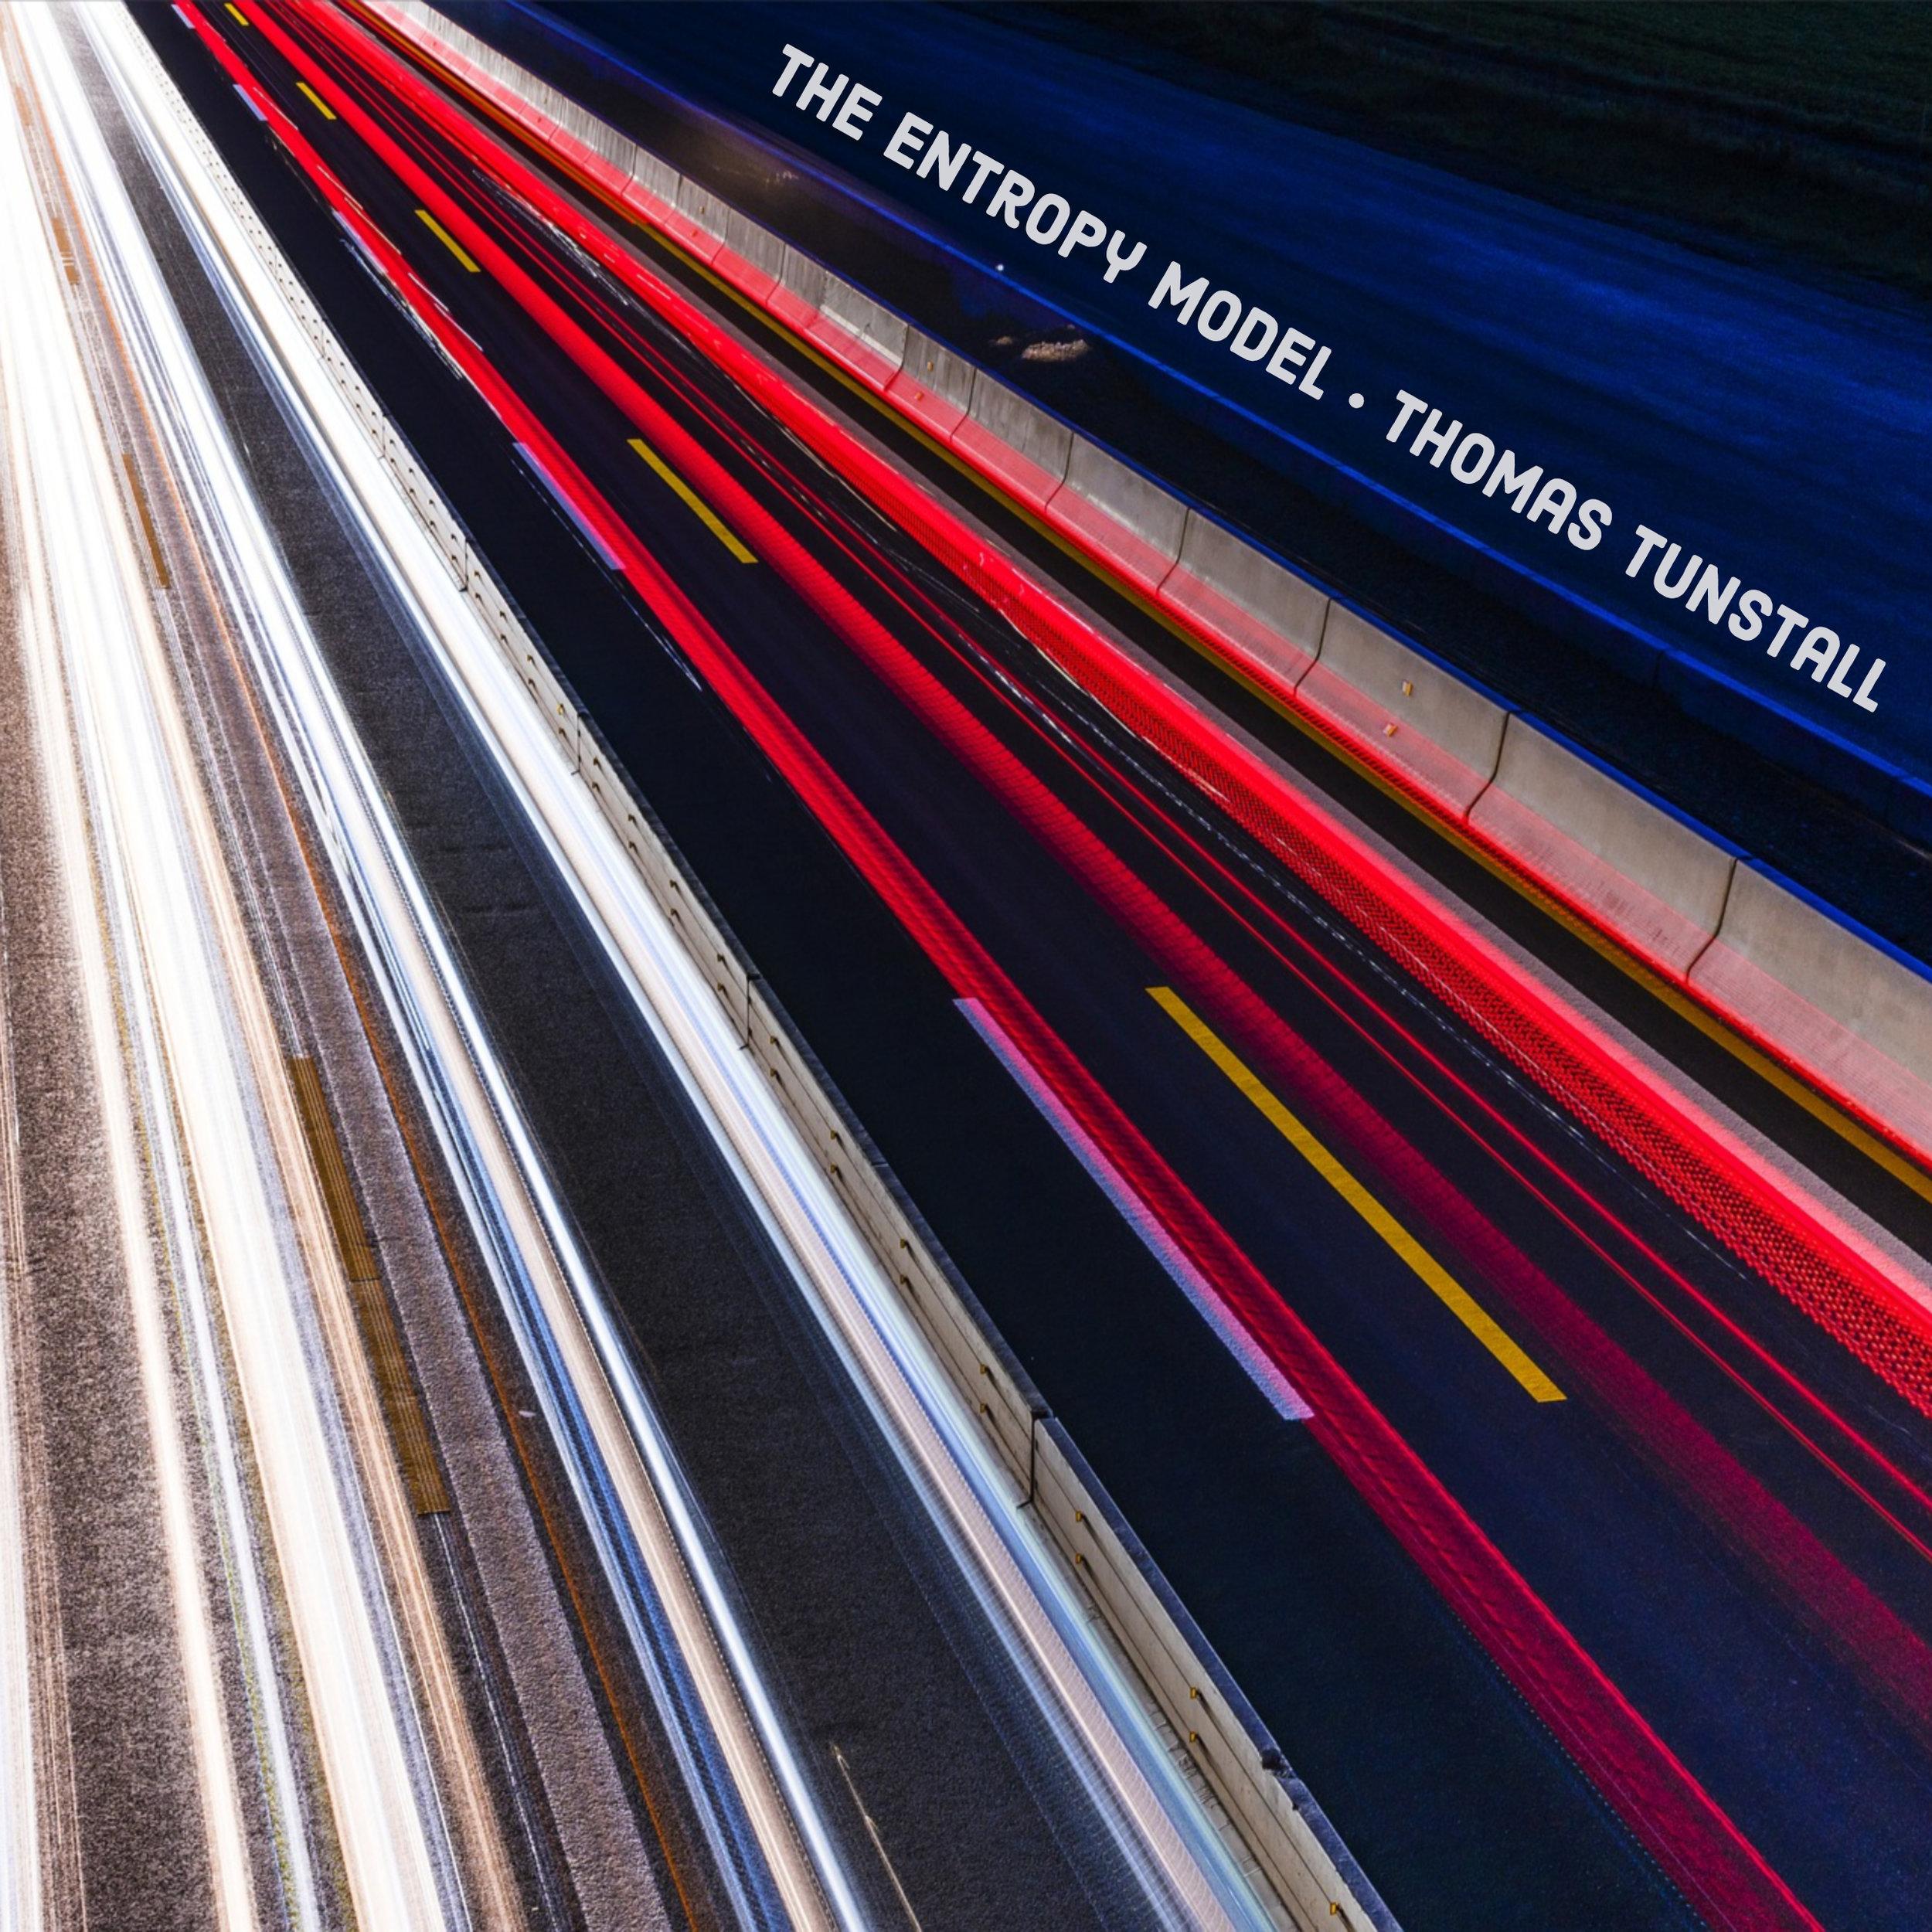 The Entropy Model w/ Thomas Tunstall